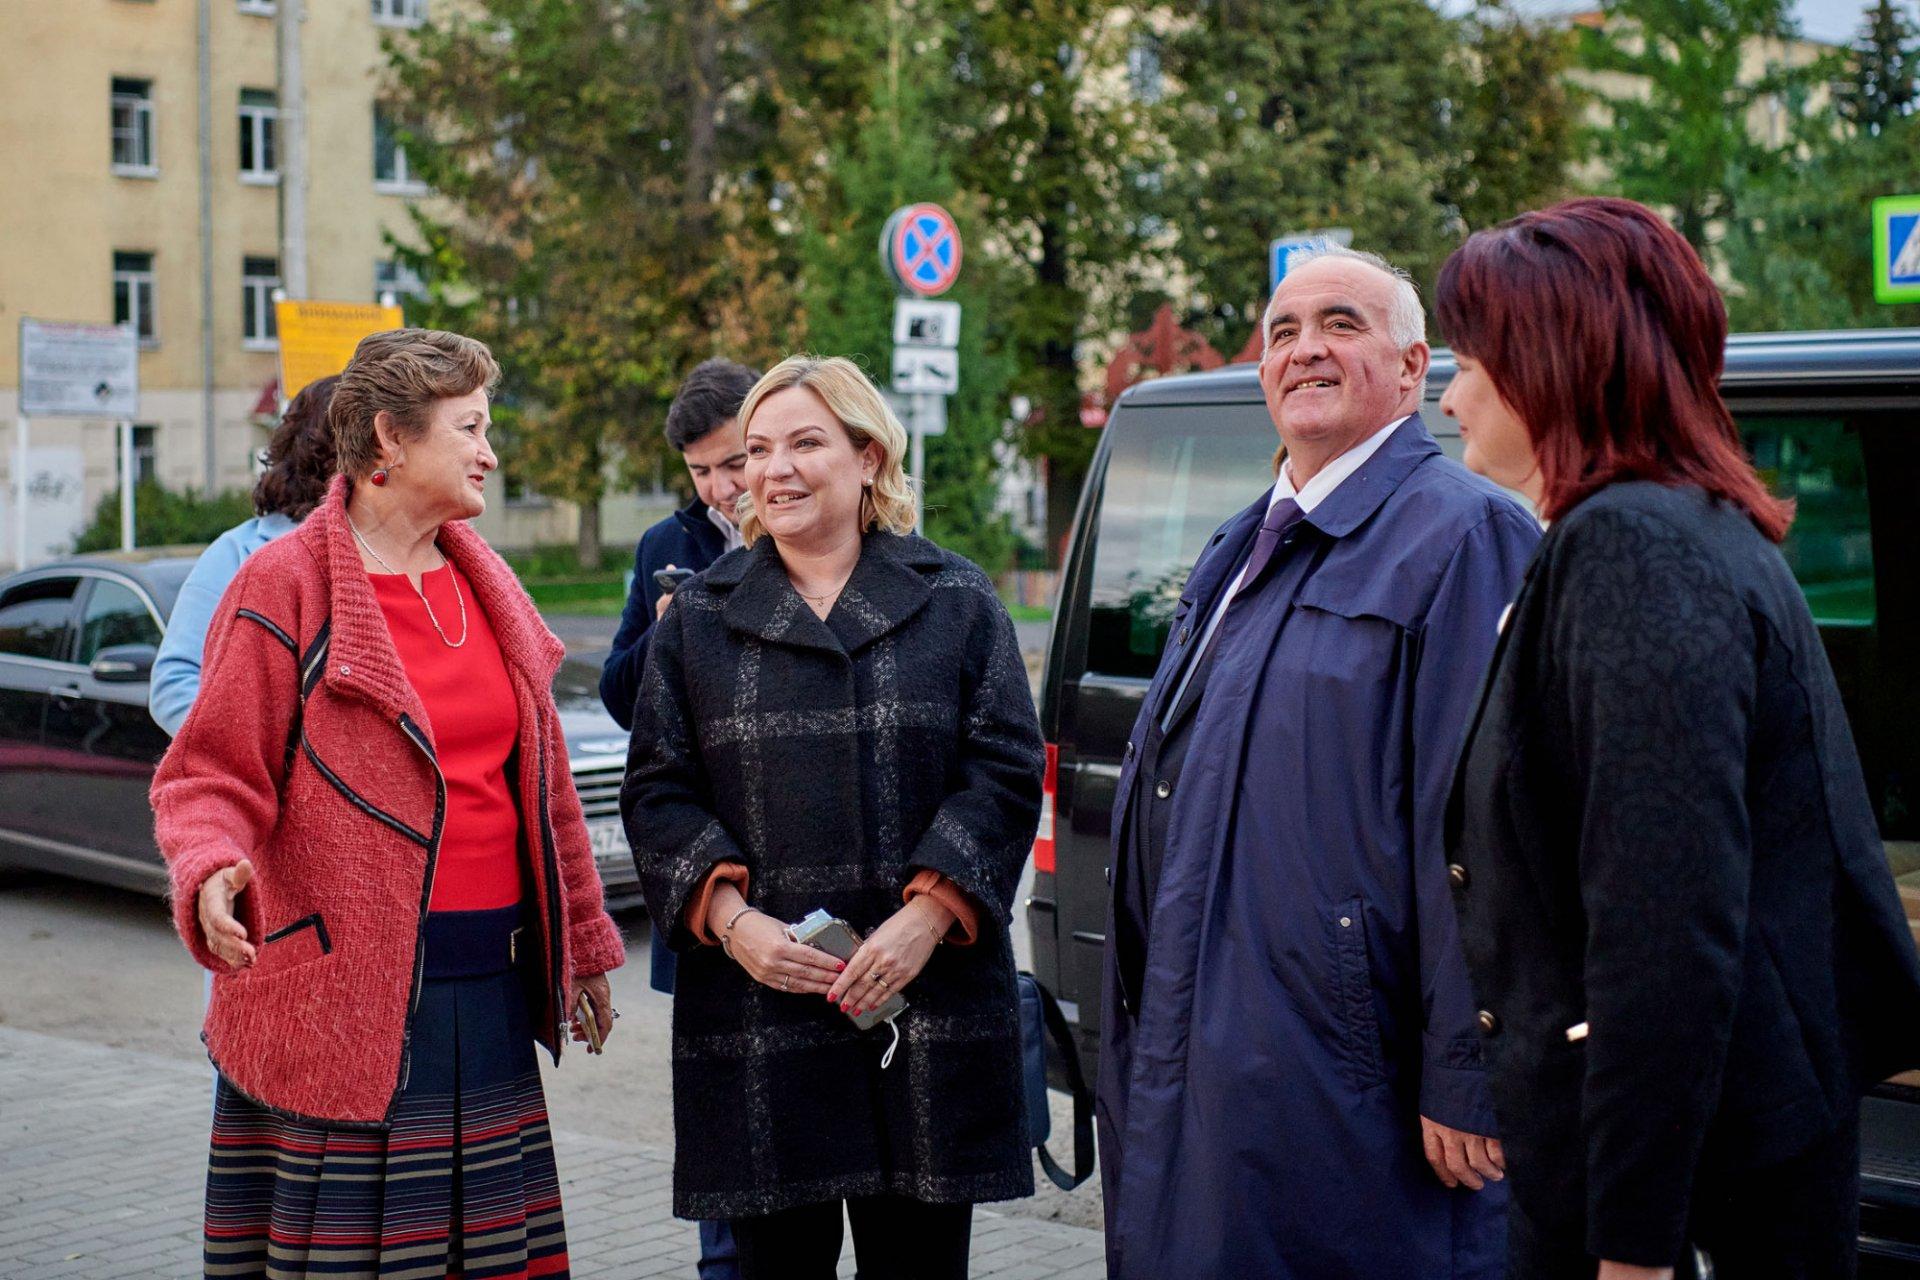 Костромская область получила высокую оценку министерства культуры